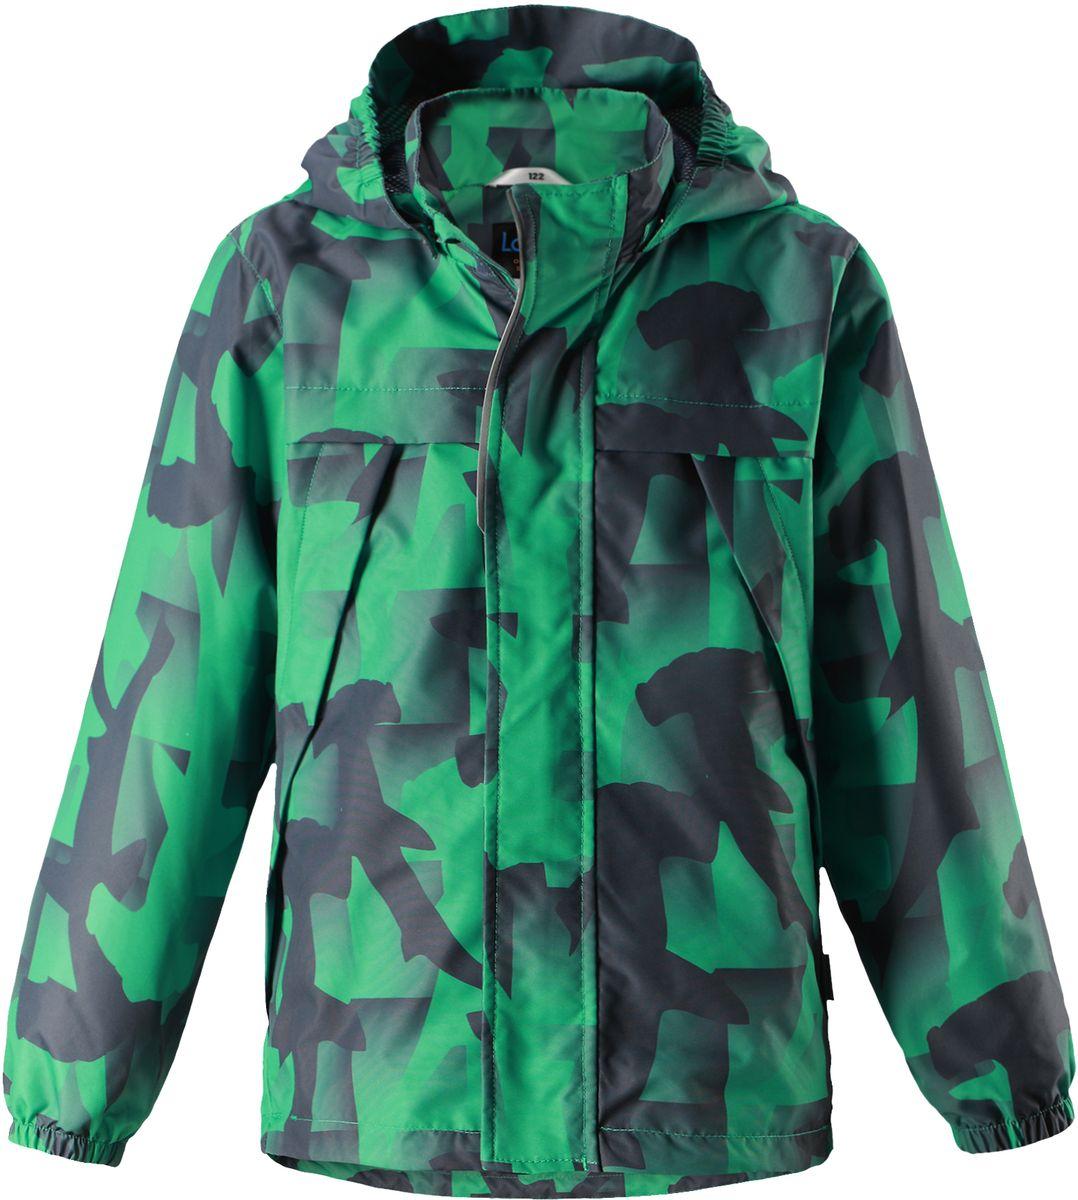 Куртка721707R6691Легкая и удобная куртка для мальчиков на весенне-осенний период. Она изготовлена из водоотталкивающего и ветронепроницаемого, но при этом дышащего материала. Куртка снабжена дышащей и приятной на ощупь подкладкой на легком утеплителе, которая облегчает одевание. Съемный капюшон обеспечивает защиту от холодного ветра, а также безопасен во время игр на свежем воздухе! Благодаря регулируемому подолу эта модель свободного покроя отлично сидит по фигуре. Снабжена множеством продуманных элементов, например, передними карманами и эластичными манжетами.